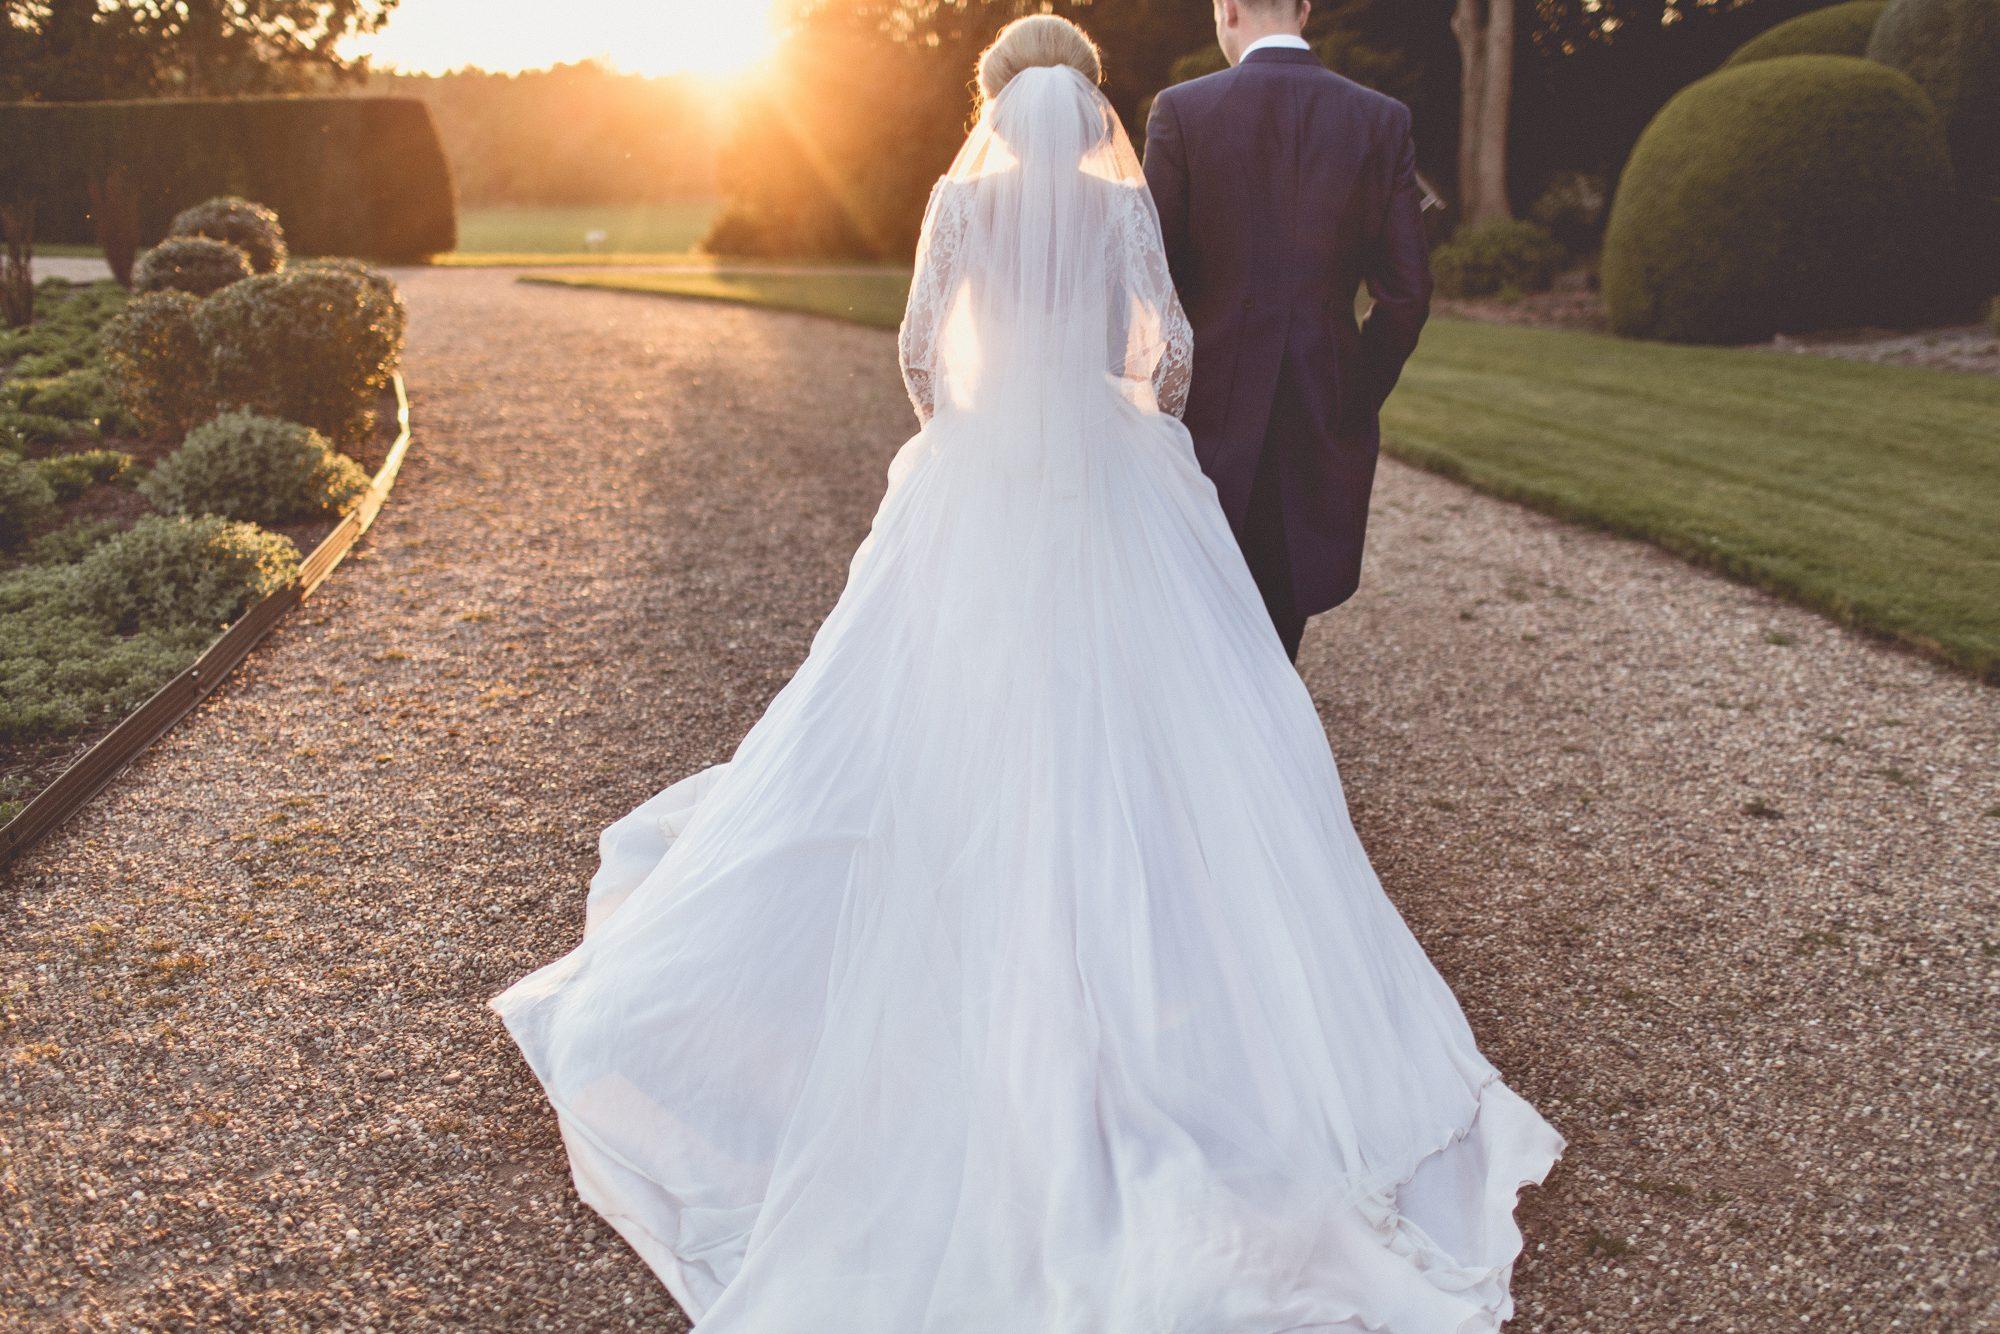 Real Bride Naomi wears Fleur by Naomi Neoh - Bride & Groom Sunset Walk